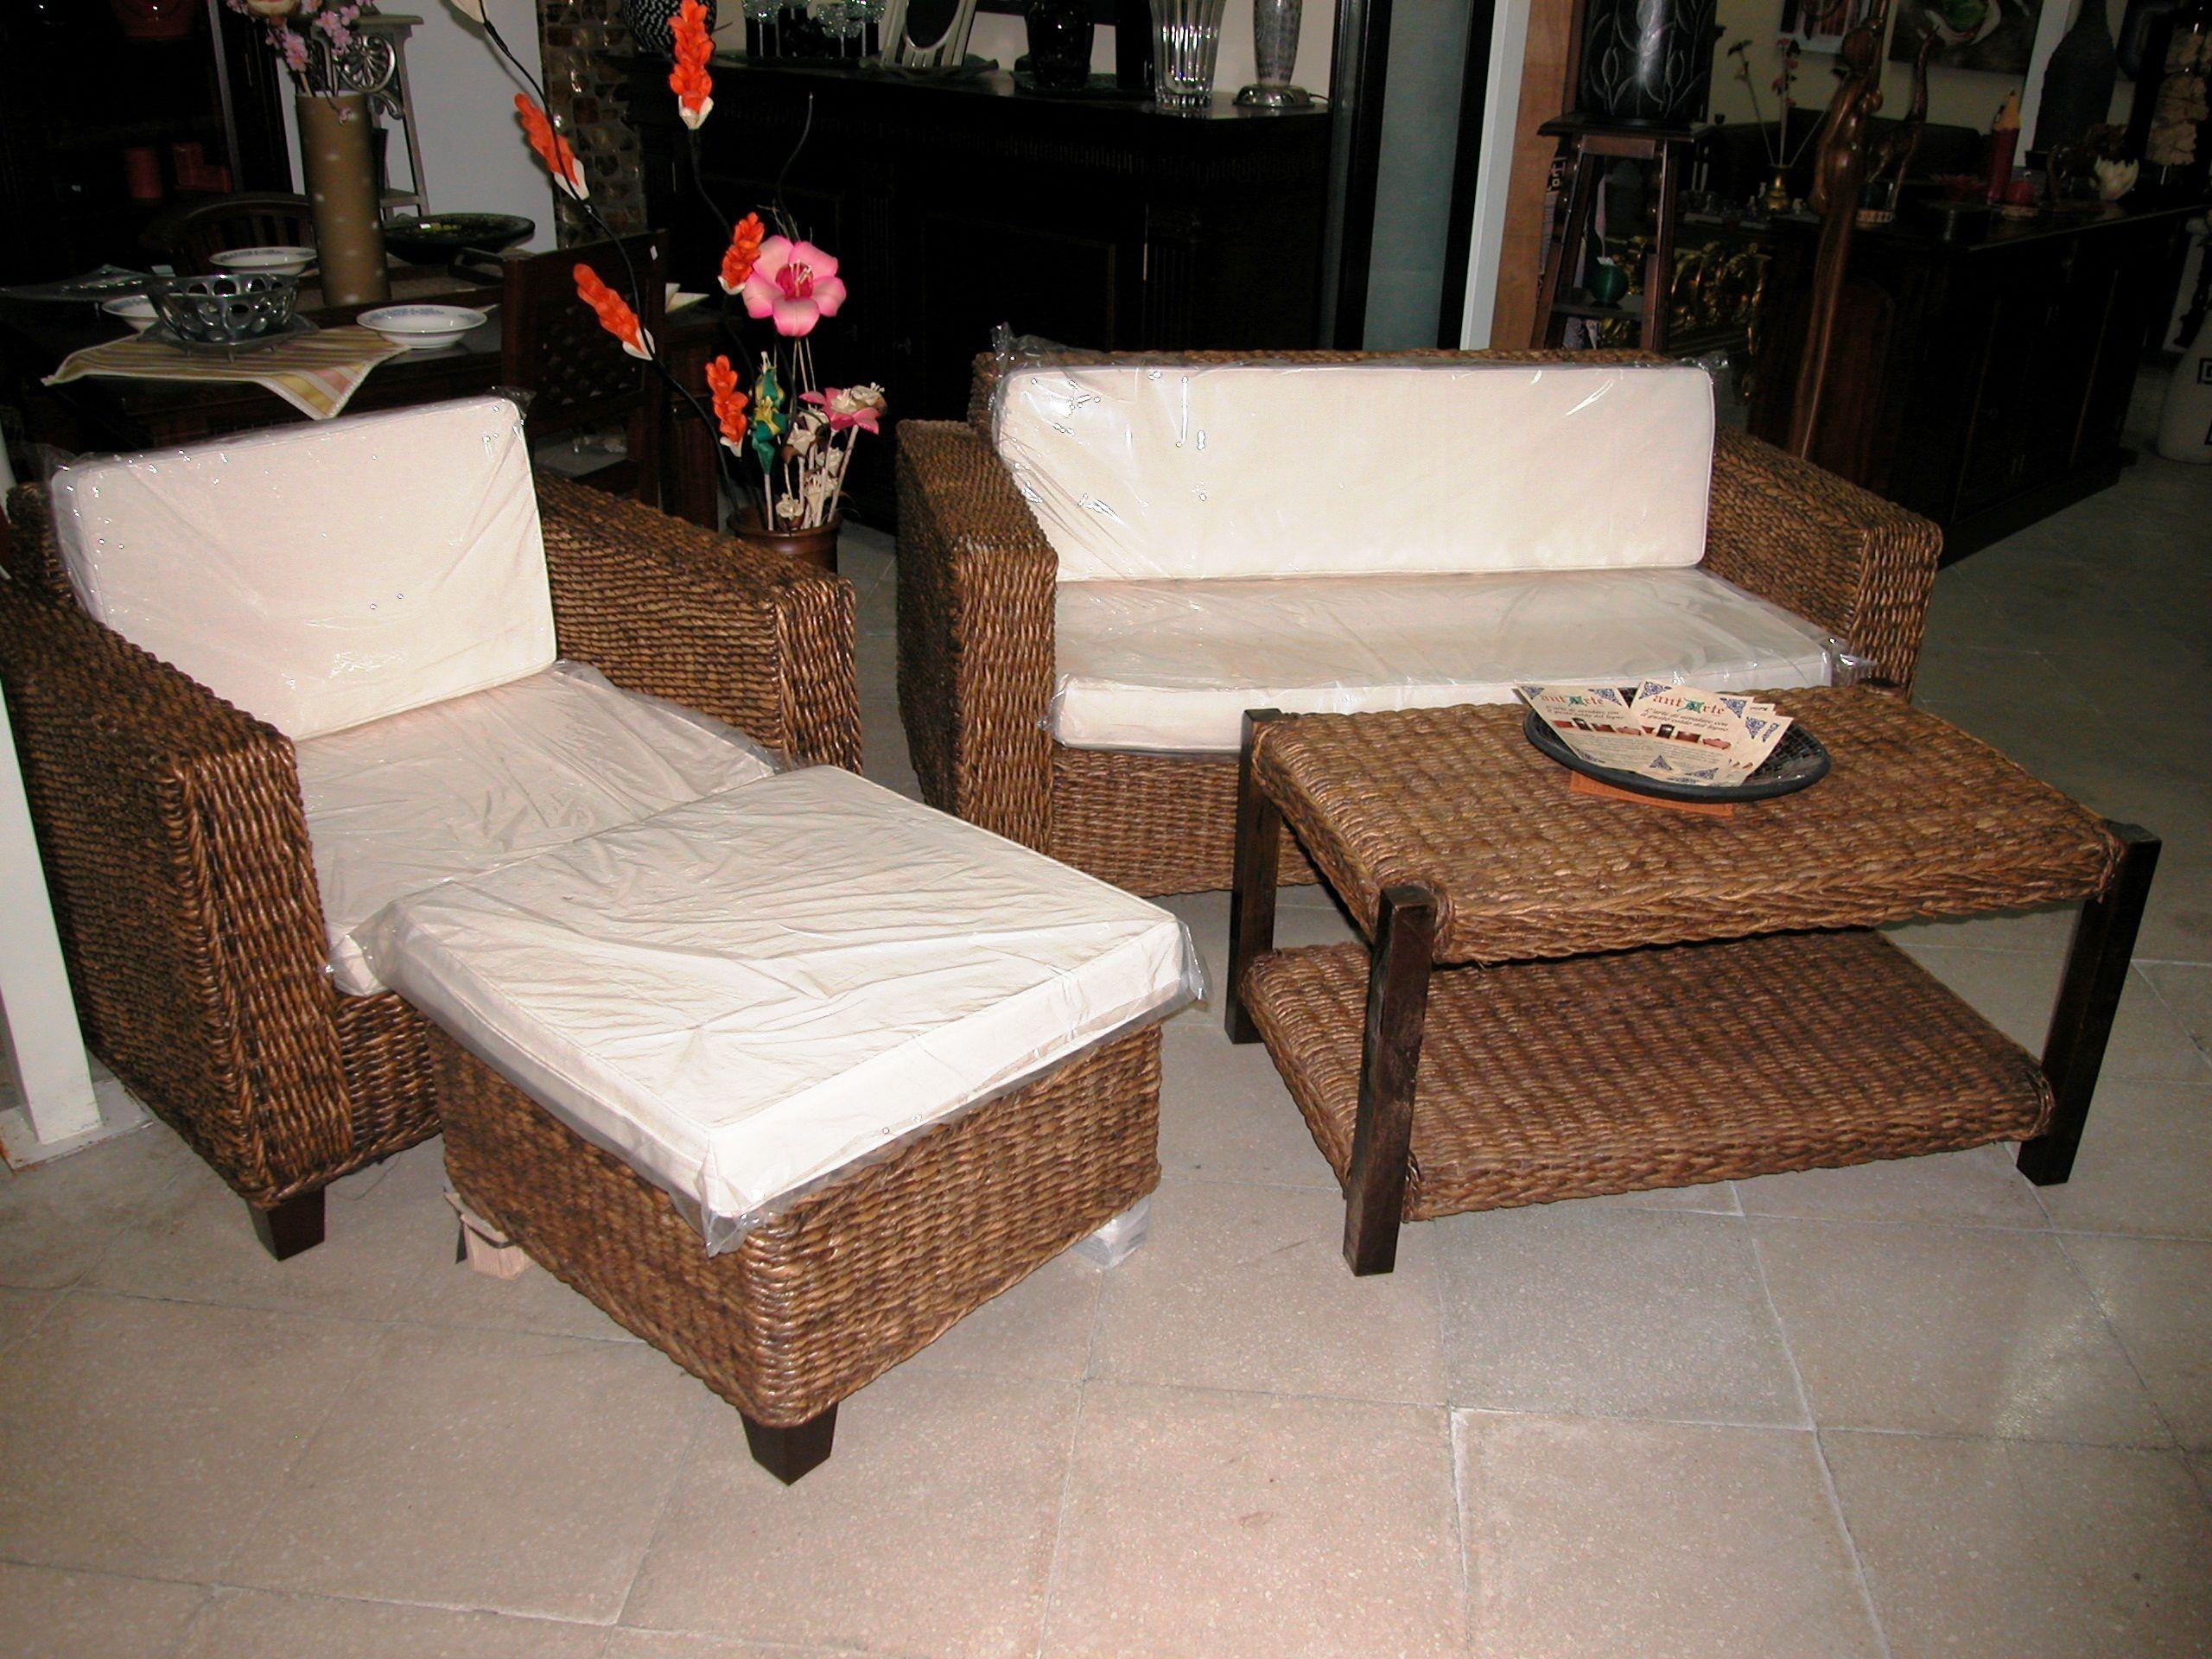 Set divano con struttura in legno e fibra di banano antarte arredo giardino palermo - Divano ikea con struttura in legno ...